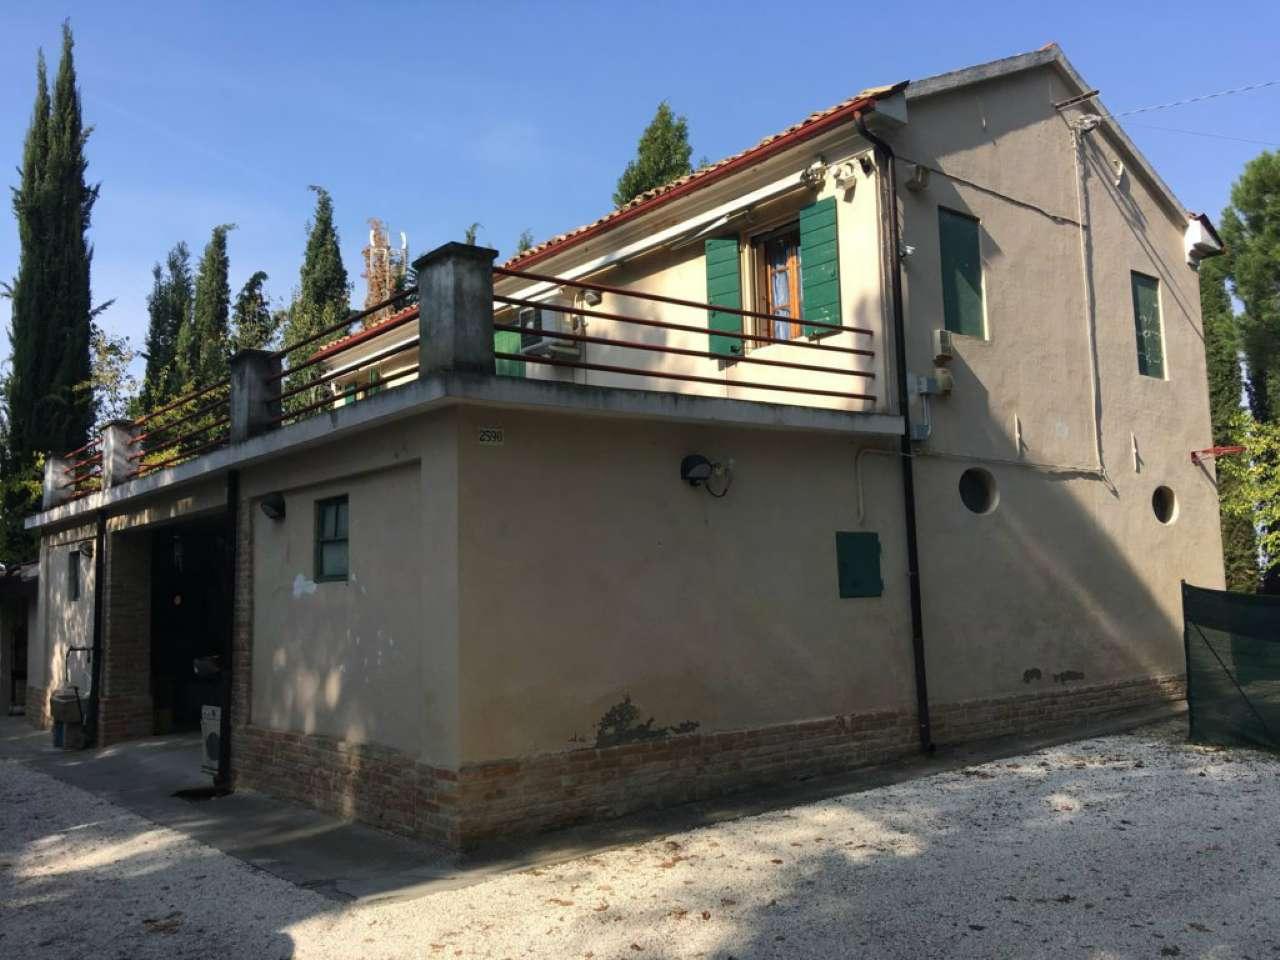 Rustico / Casale in vendita a Cesena, 10 locali, prezzo € 700.000 | CambioCasa.it